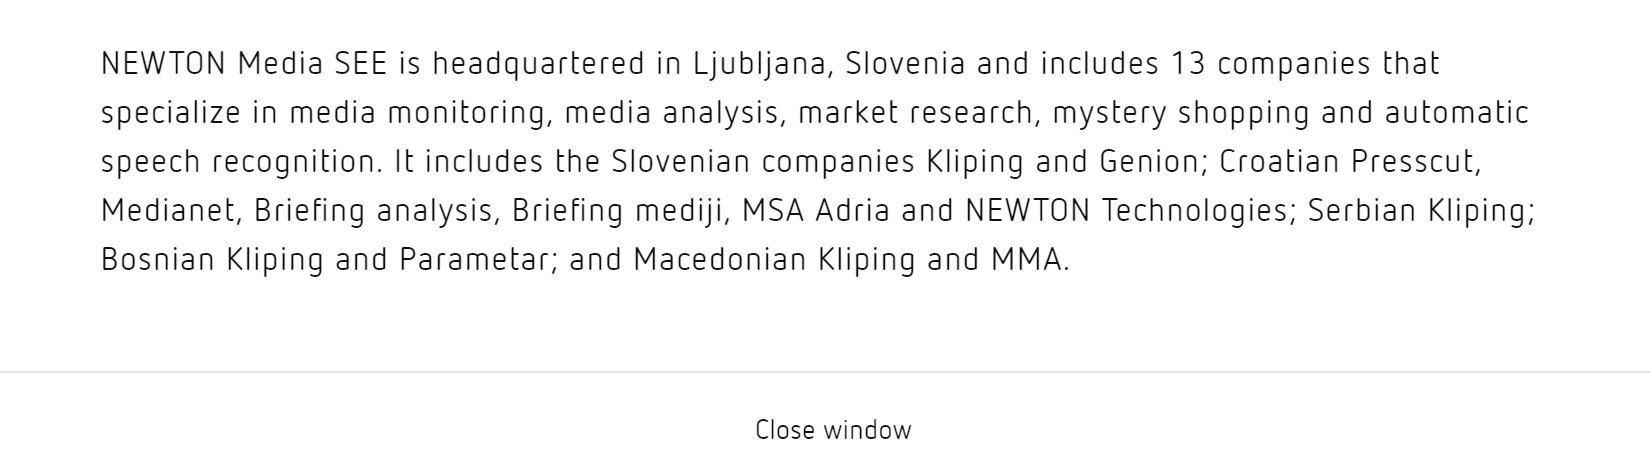 MCA grupa postaje Newton Media SEE